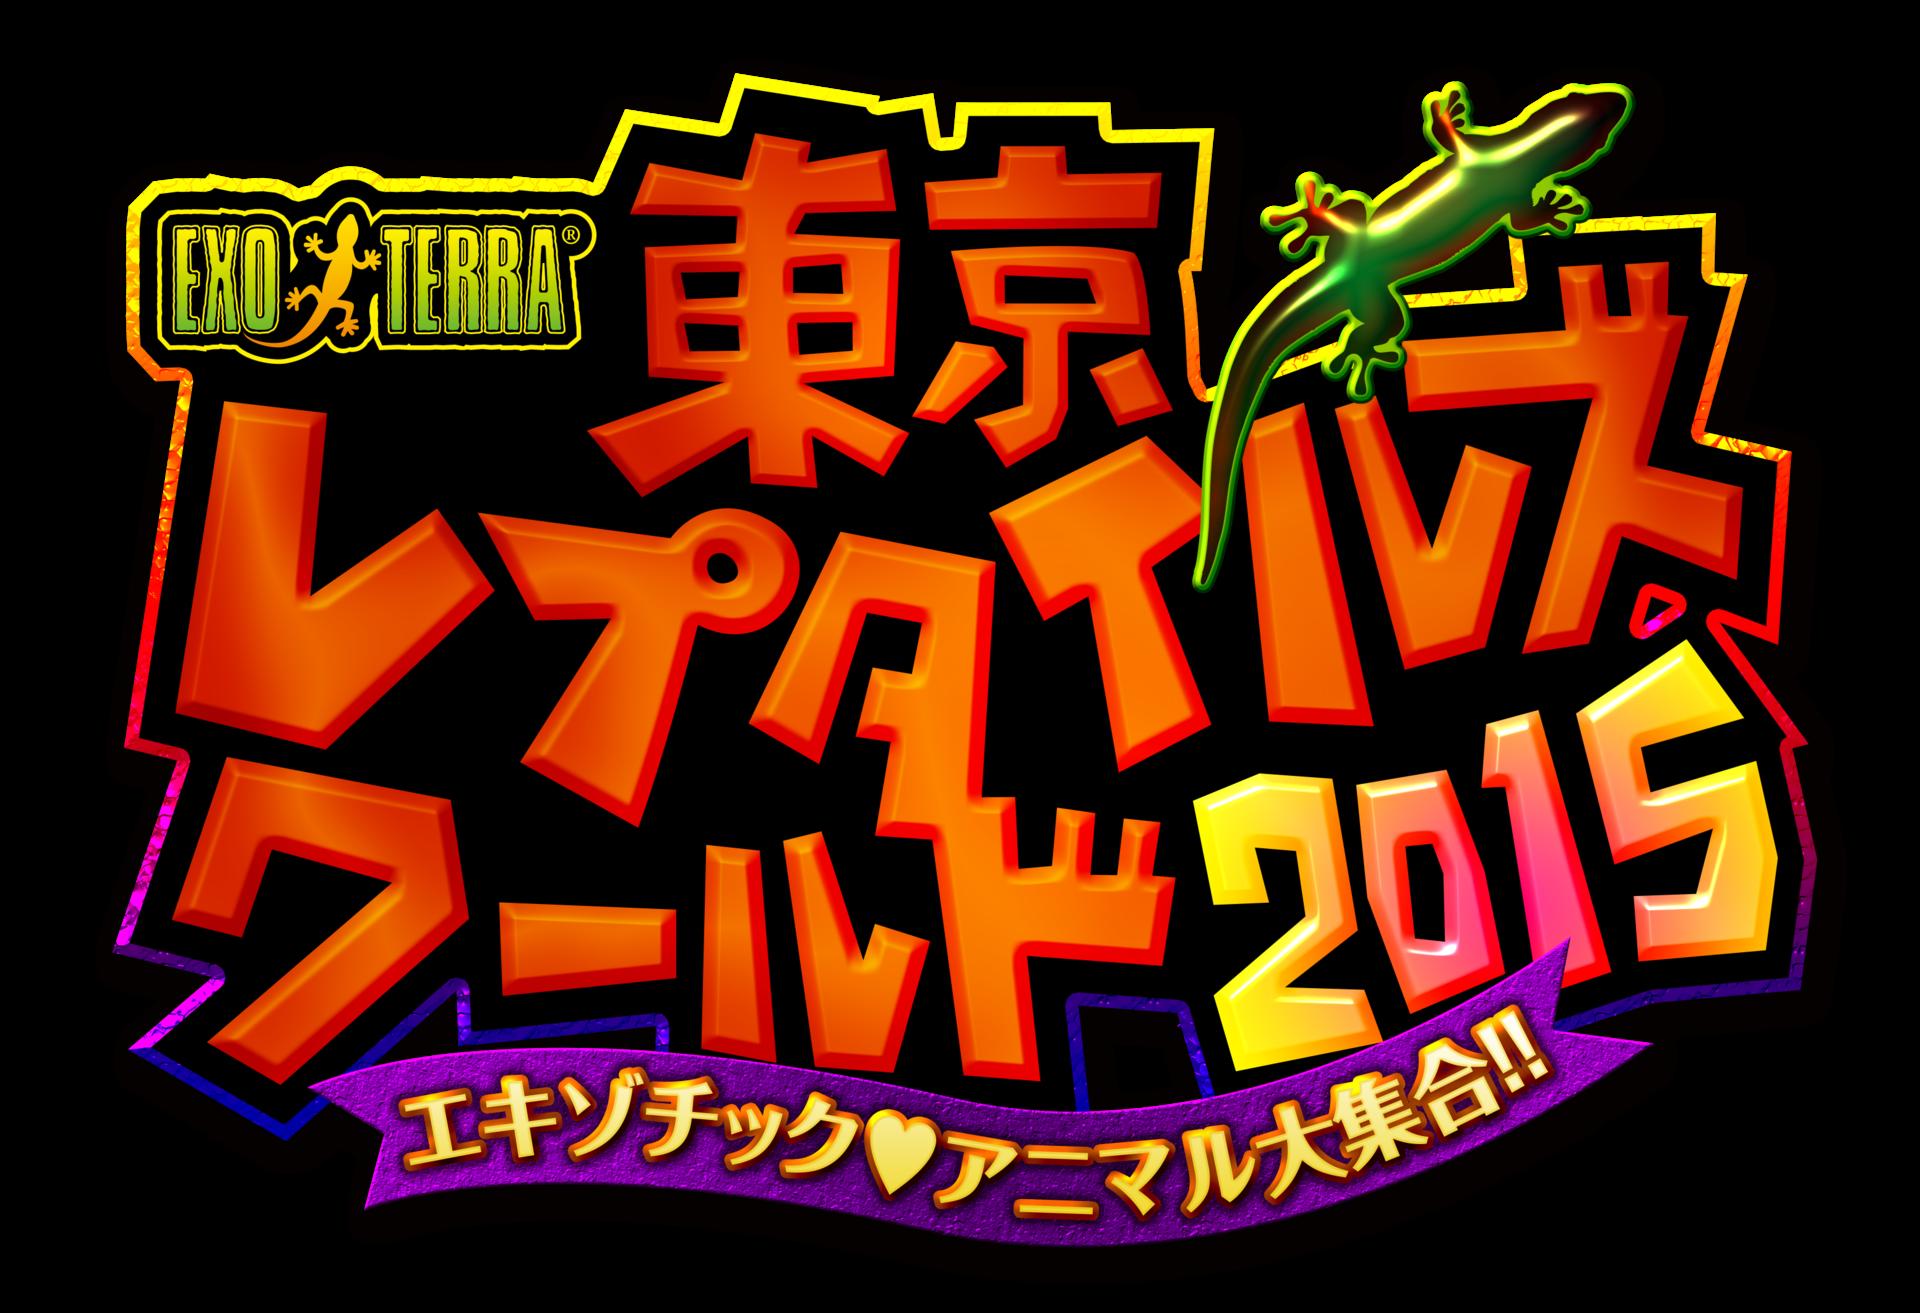 レプタイルズ2015_logo.png